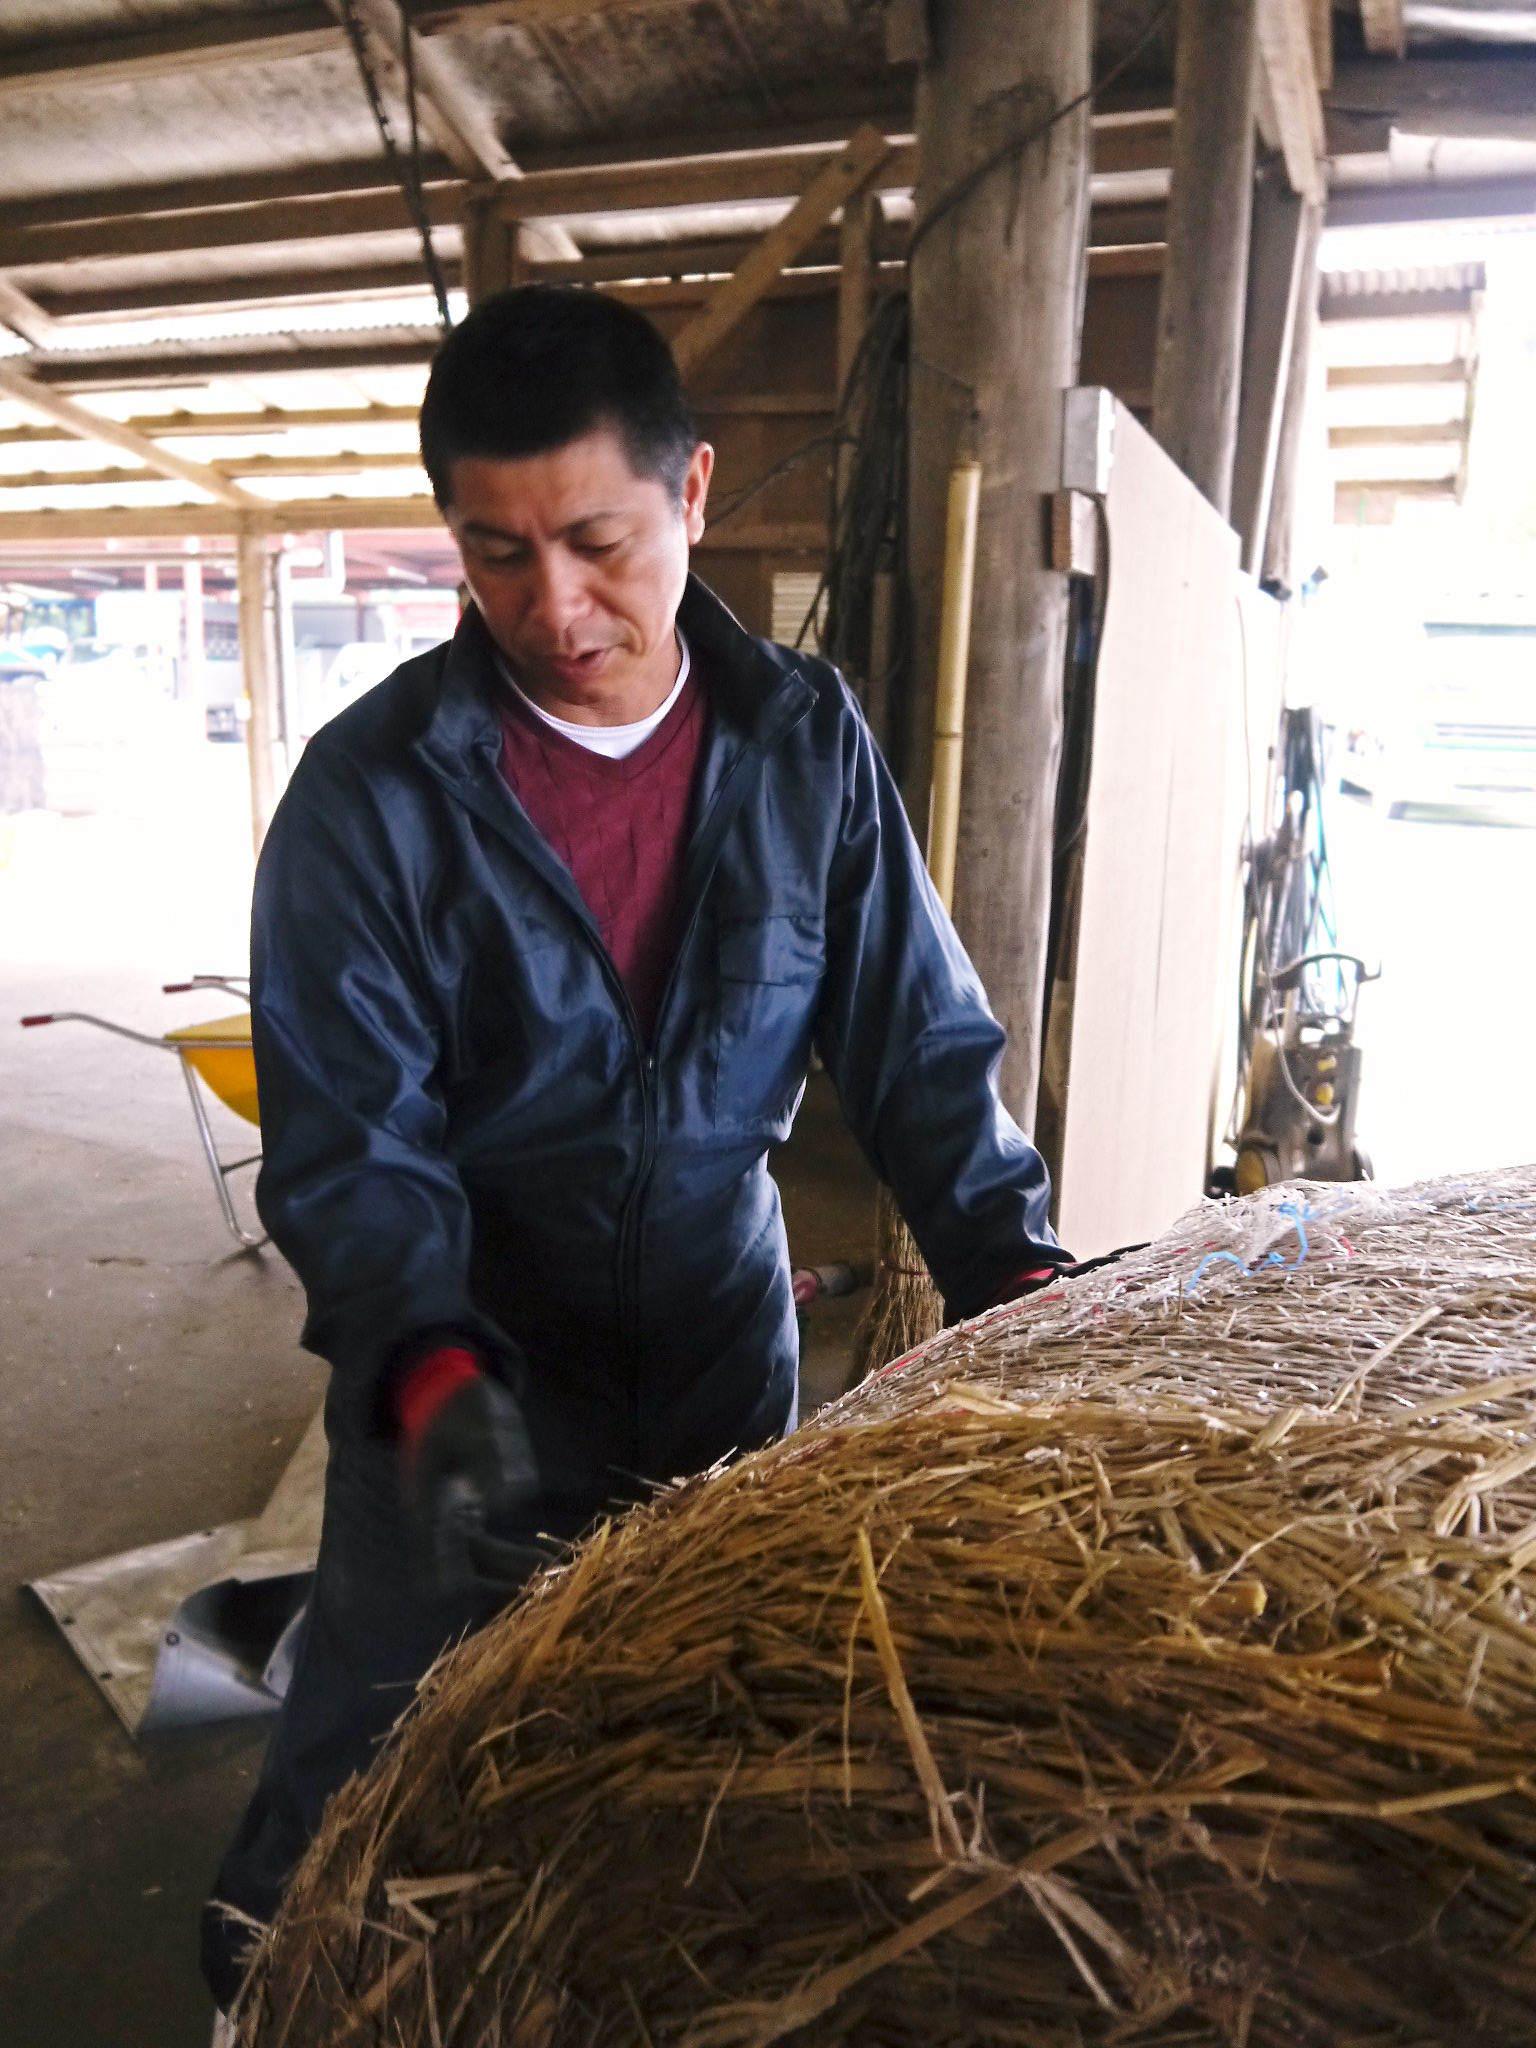 熊本県産黒毛和牛100%のハンバーグステーキをまもなく販売スタート!牧草も自ら育てるこだわり!_a0254656_19451464.jpg